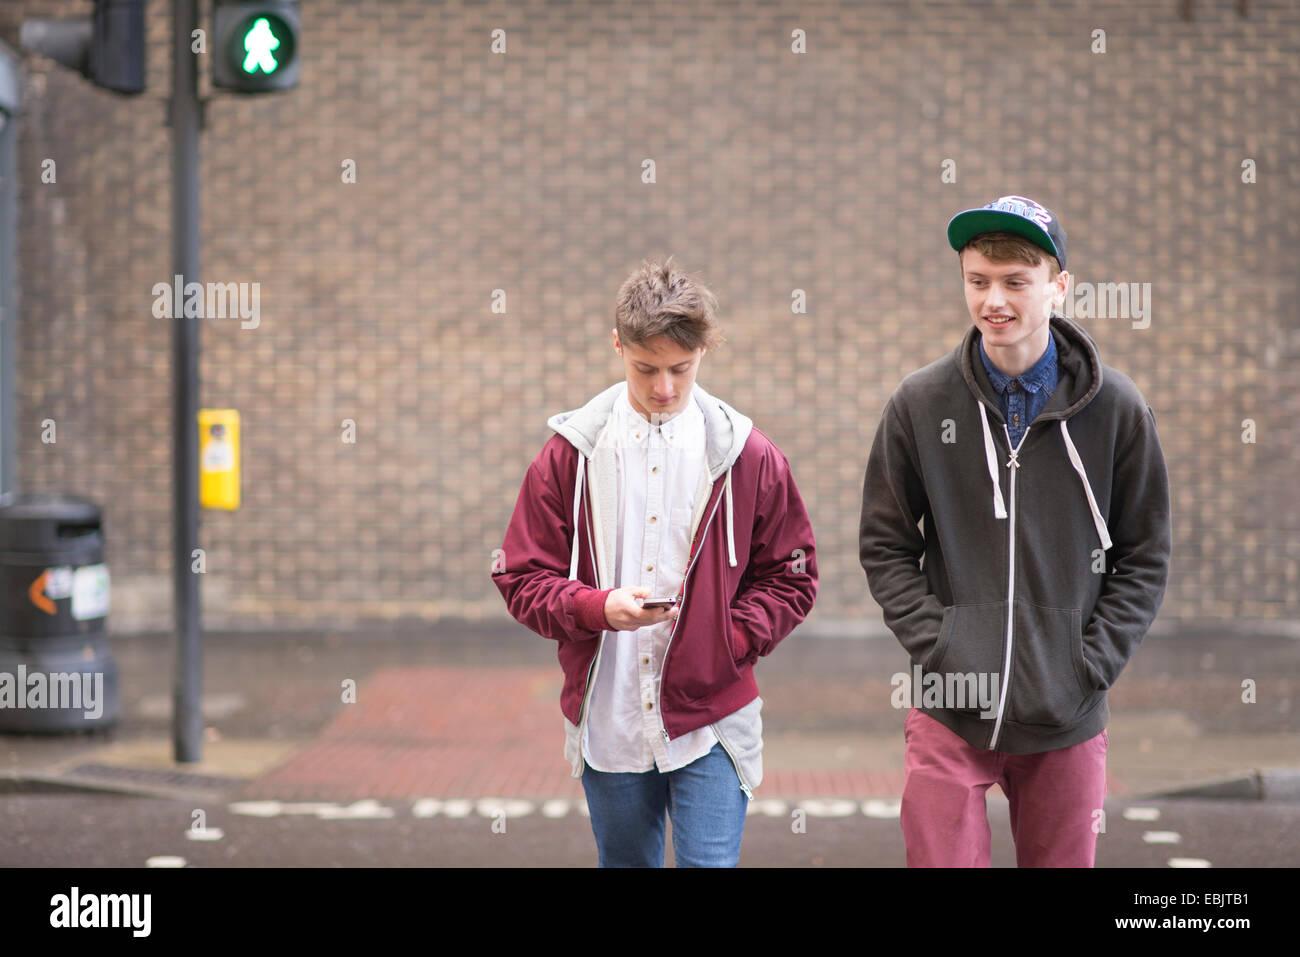 Zwei männliche Freunde, die Straße überqueren Stockfoto